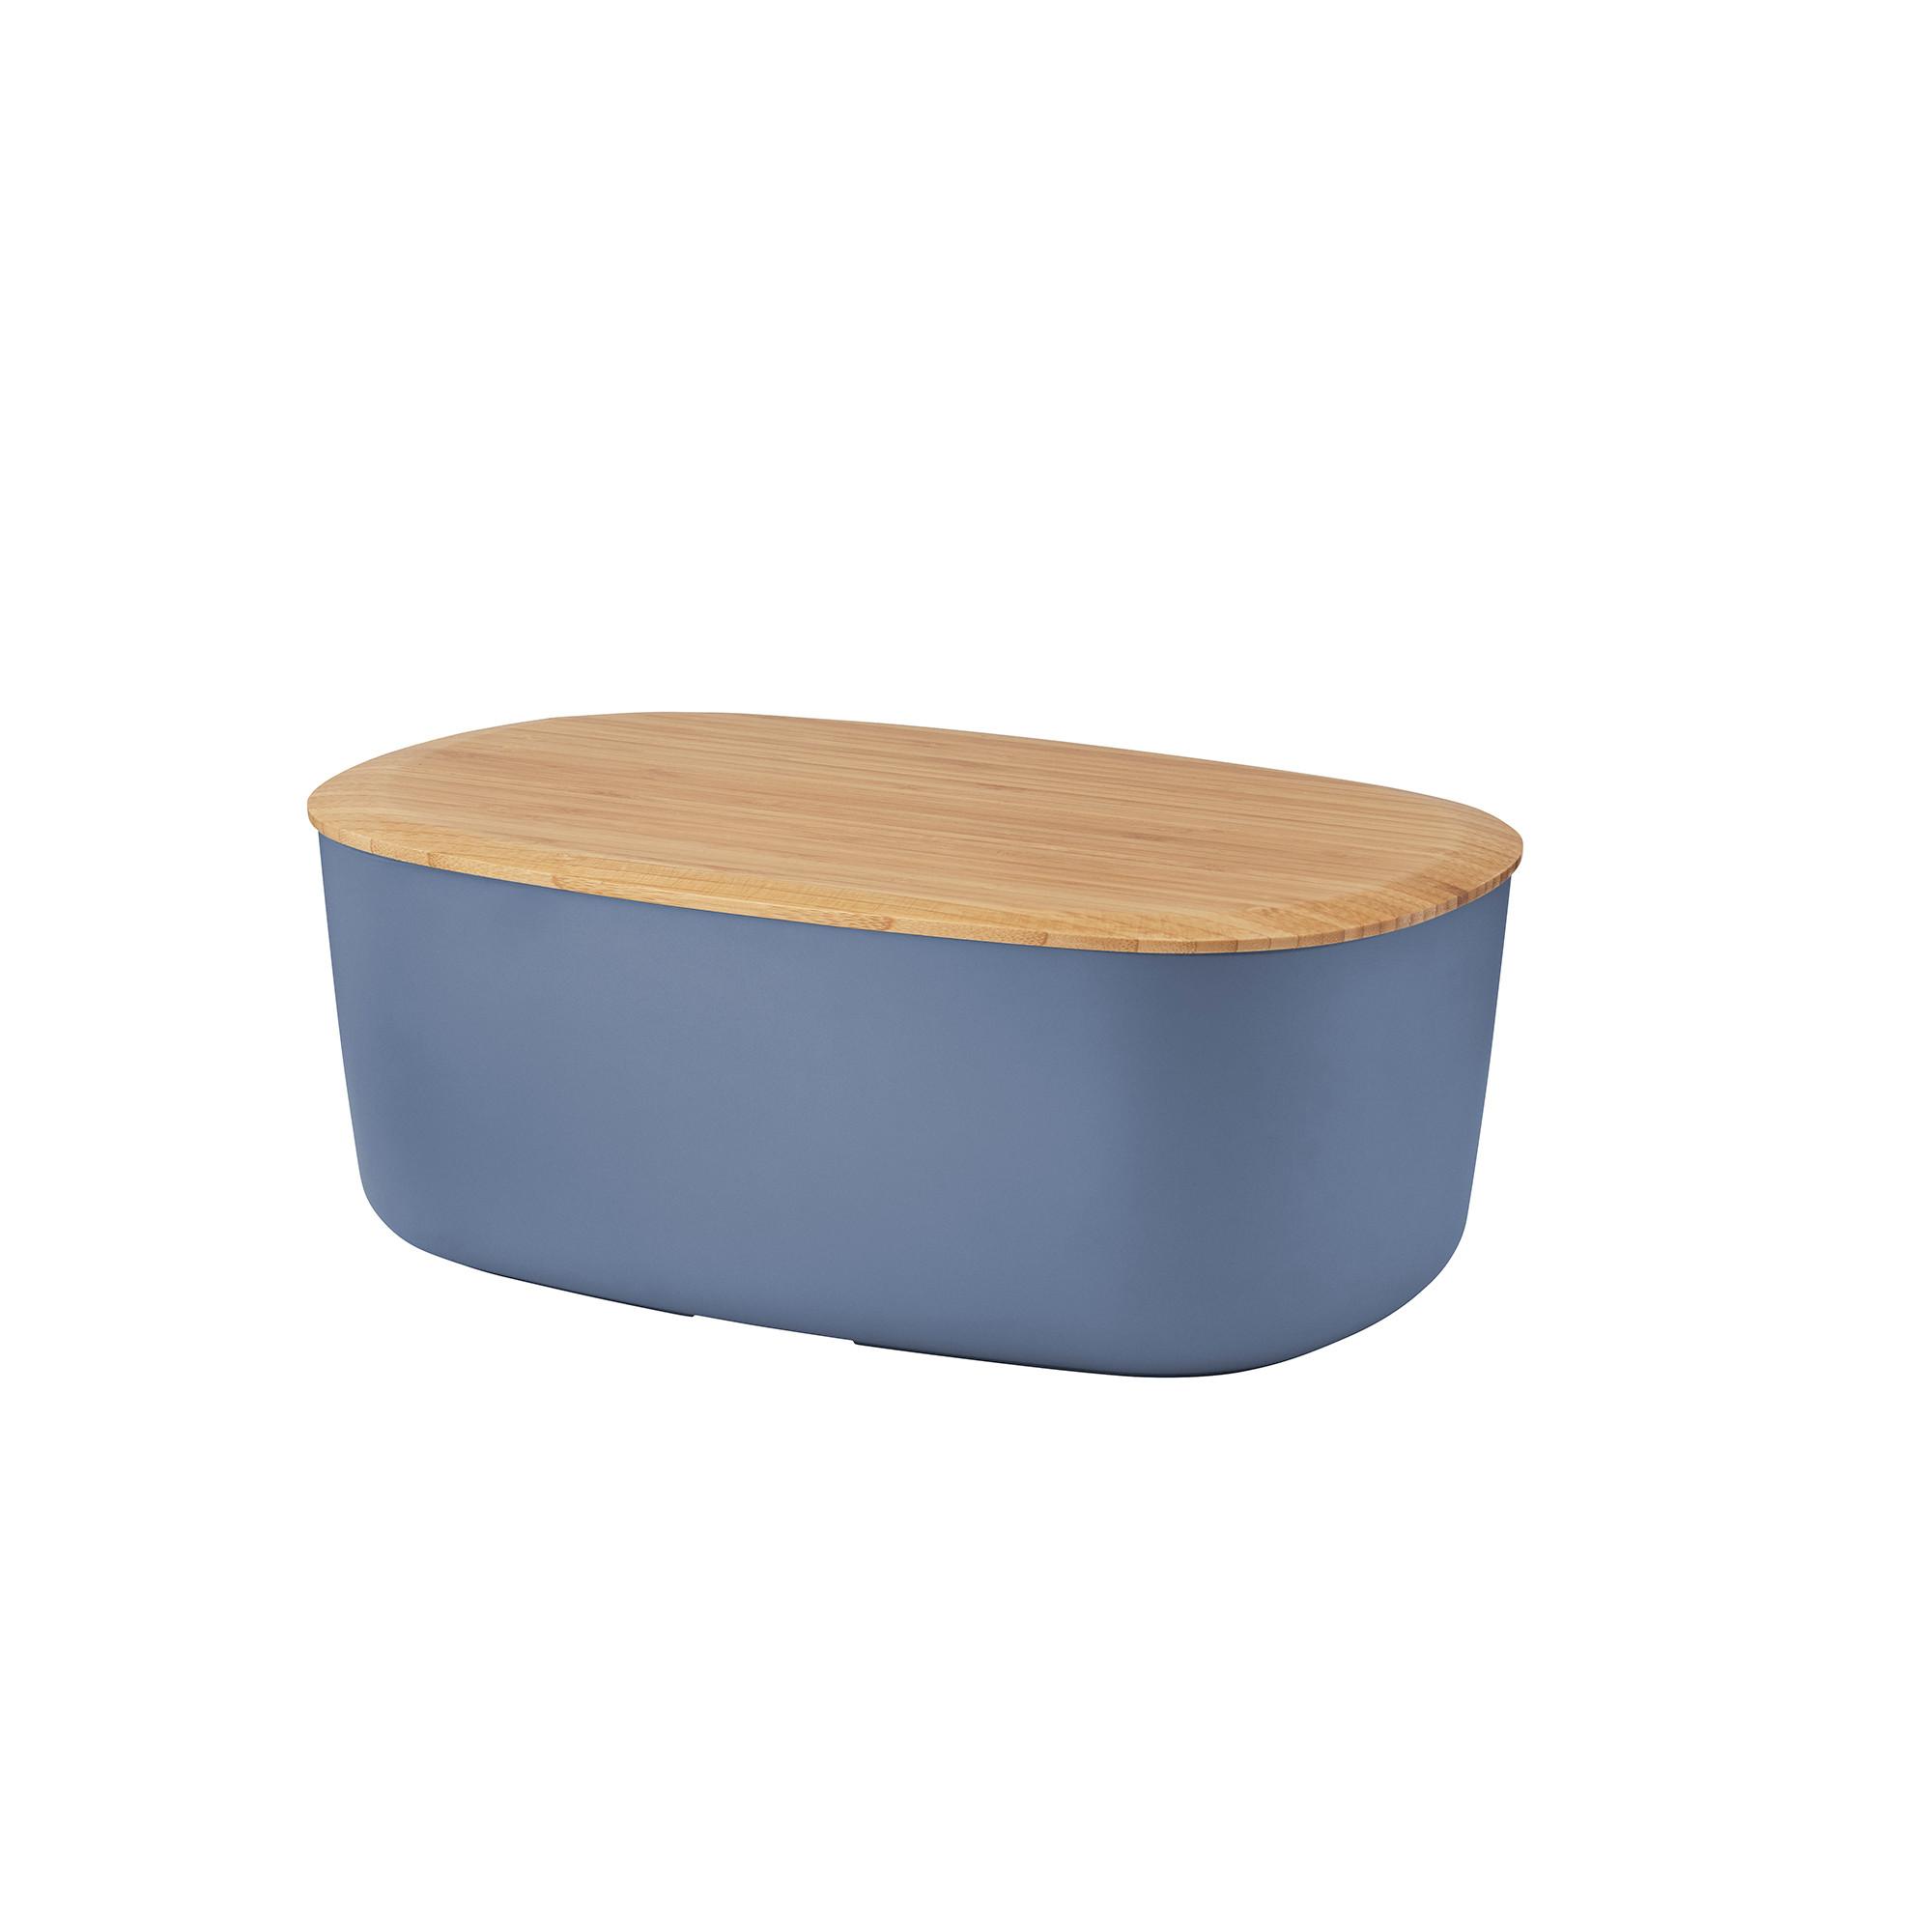 Billede af BOX-IT Brødkasse, mørkeblå